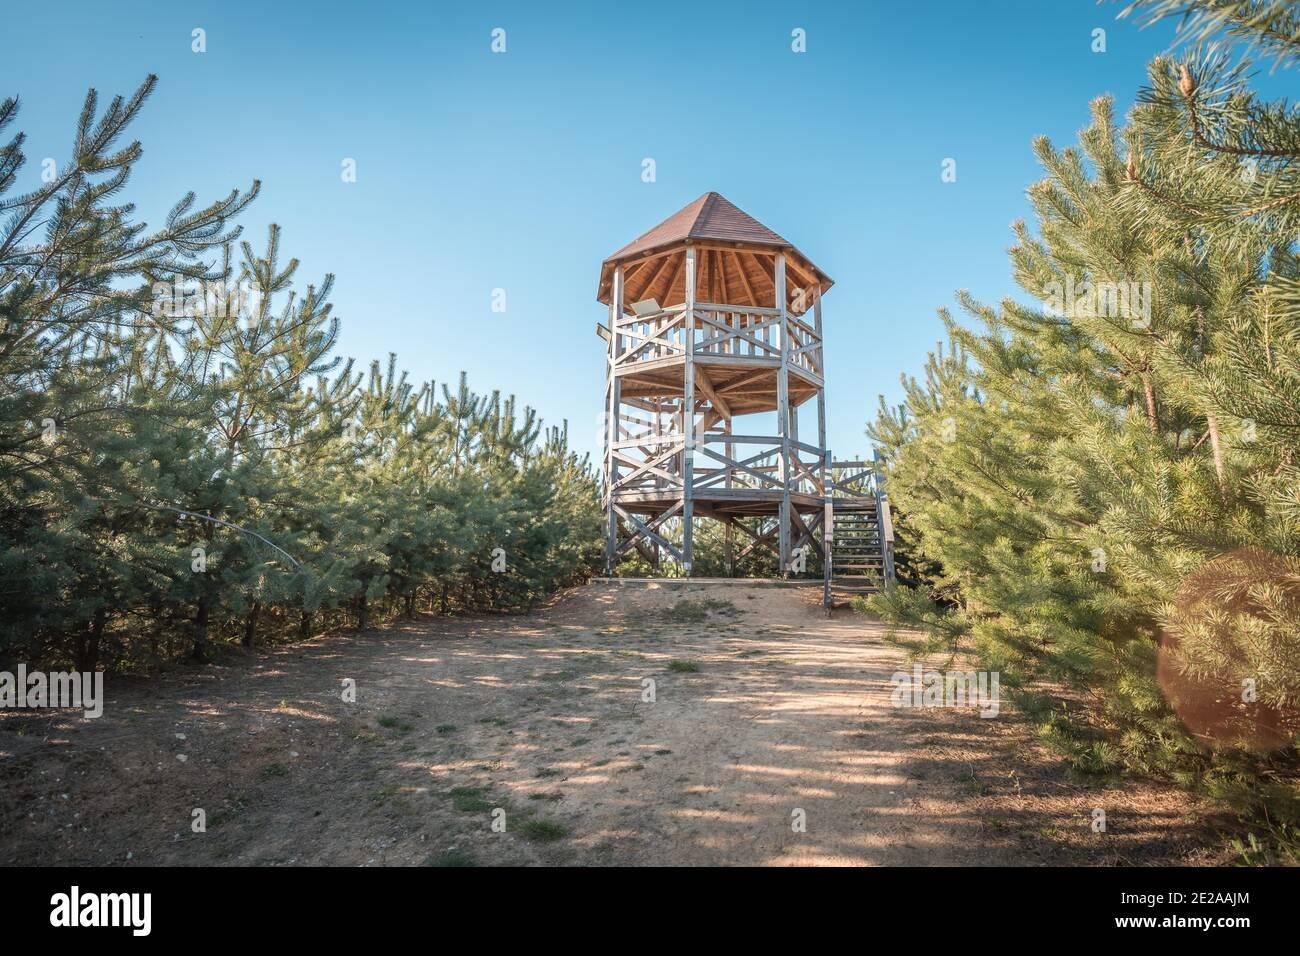 Rozhledna Kosice est une tour d'observation dans le parc forestier de la ville de Chlumec nad Cidlinou. Il ios fait de bois et il est de 8m de haut. Image de la tour d'observation Banque D'Images